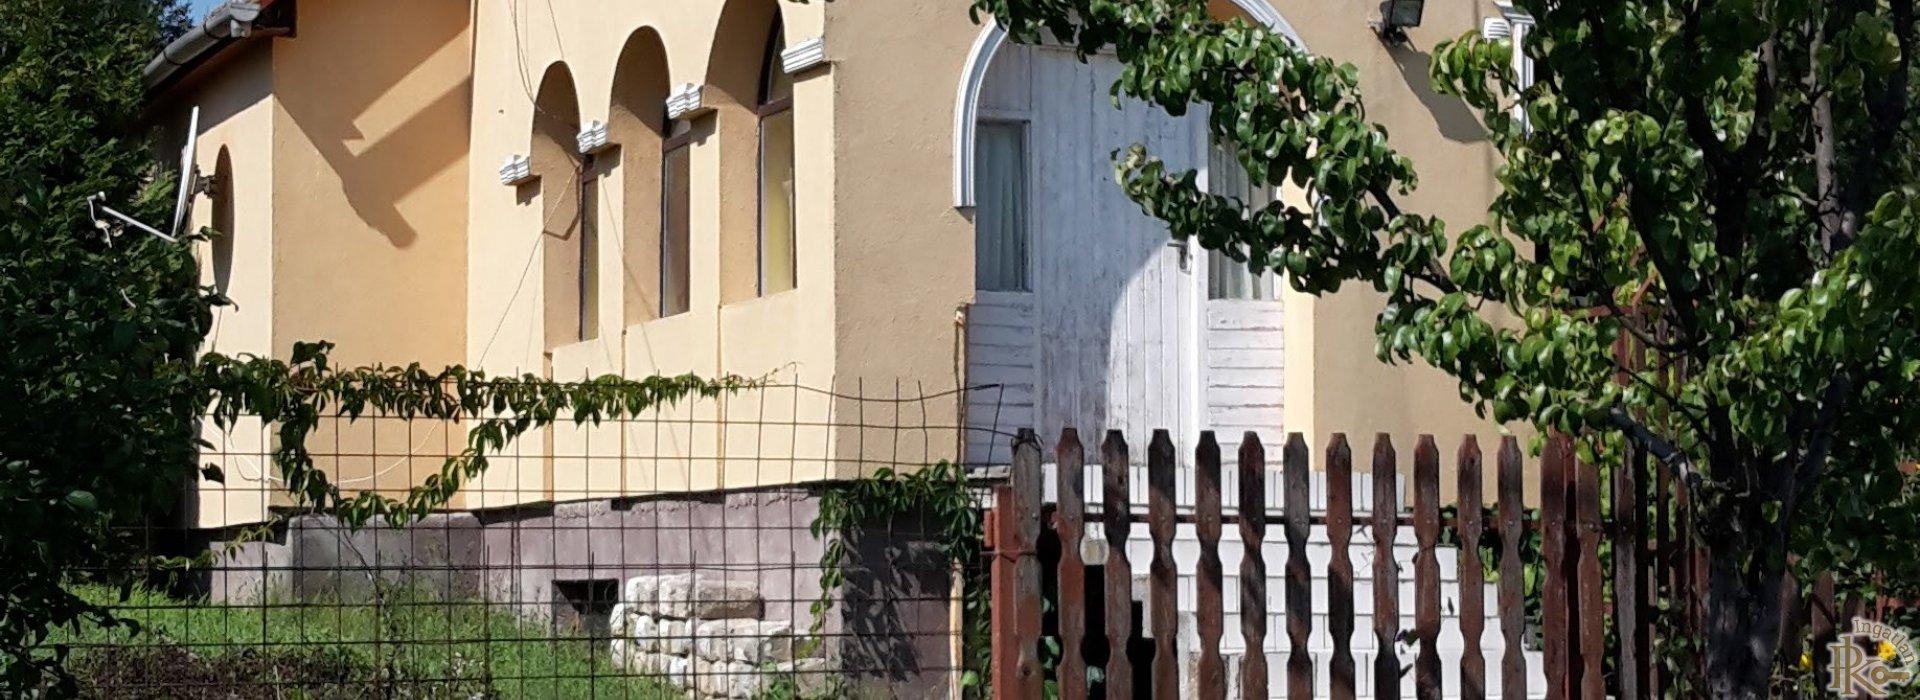 Onga, Kölcsey Ferenc utca 32.